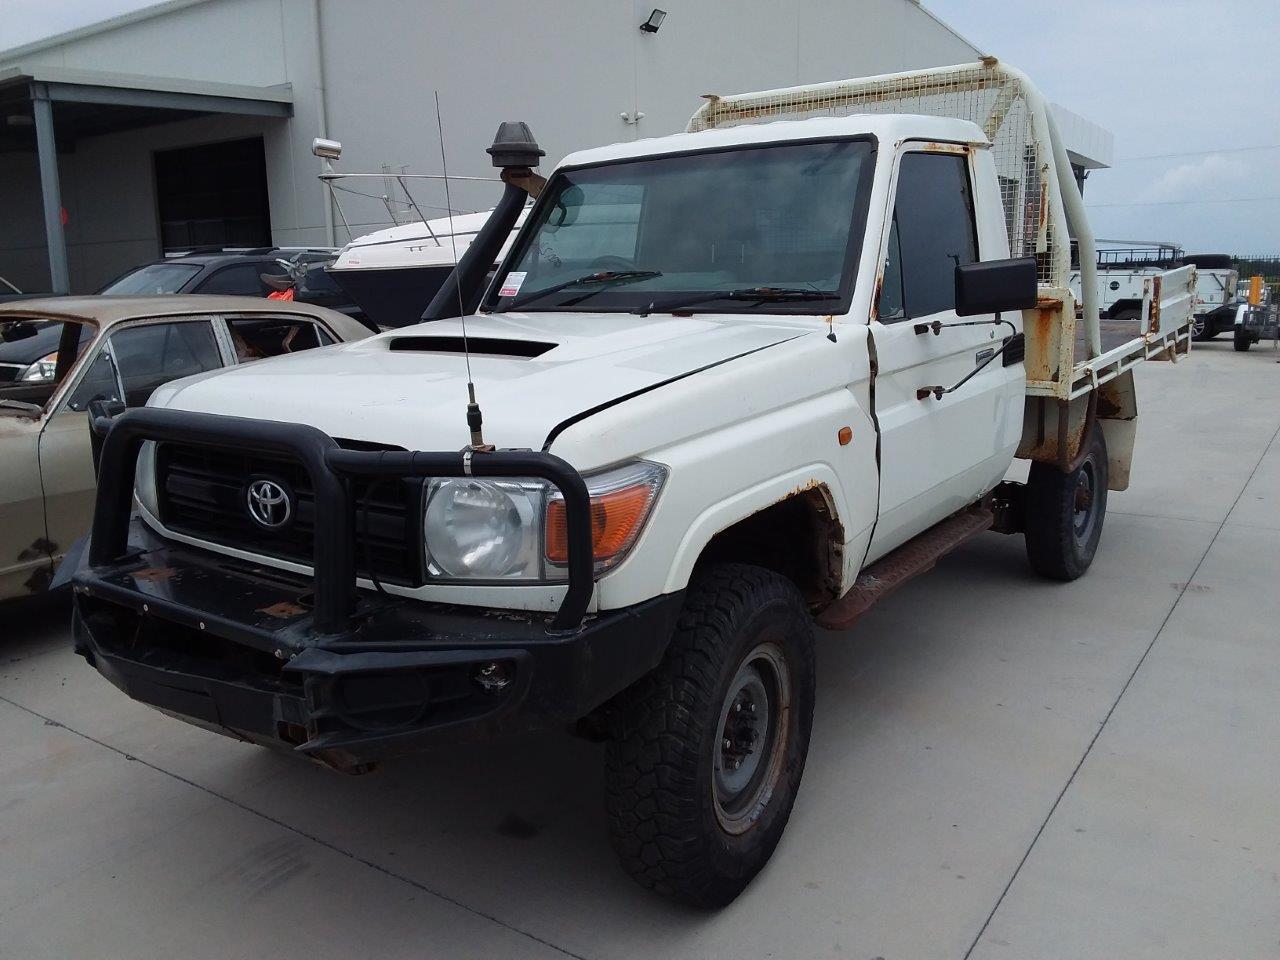 9/2010 Toyota Landcruiser VDJ79R Workmate V8 T/Diesel 4WD Ute (non runner)